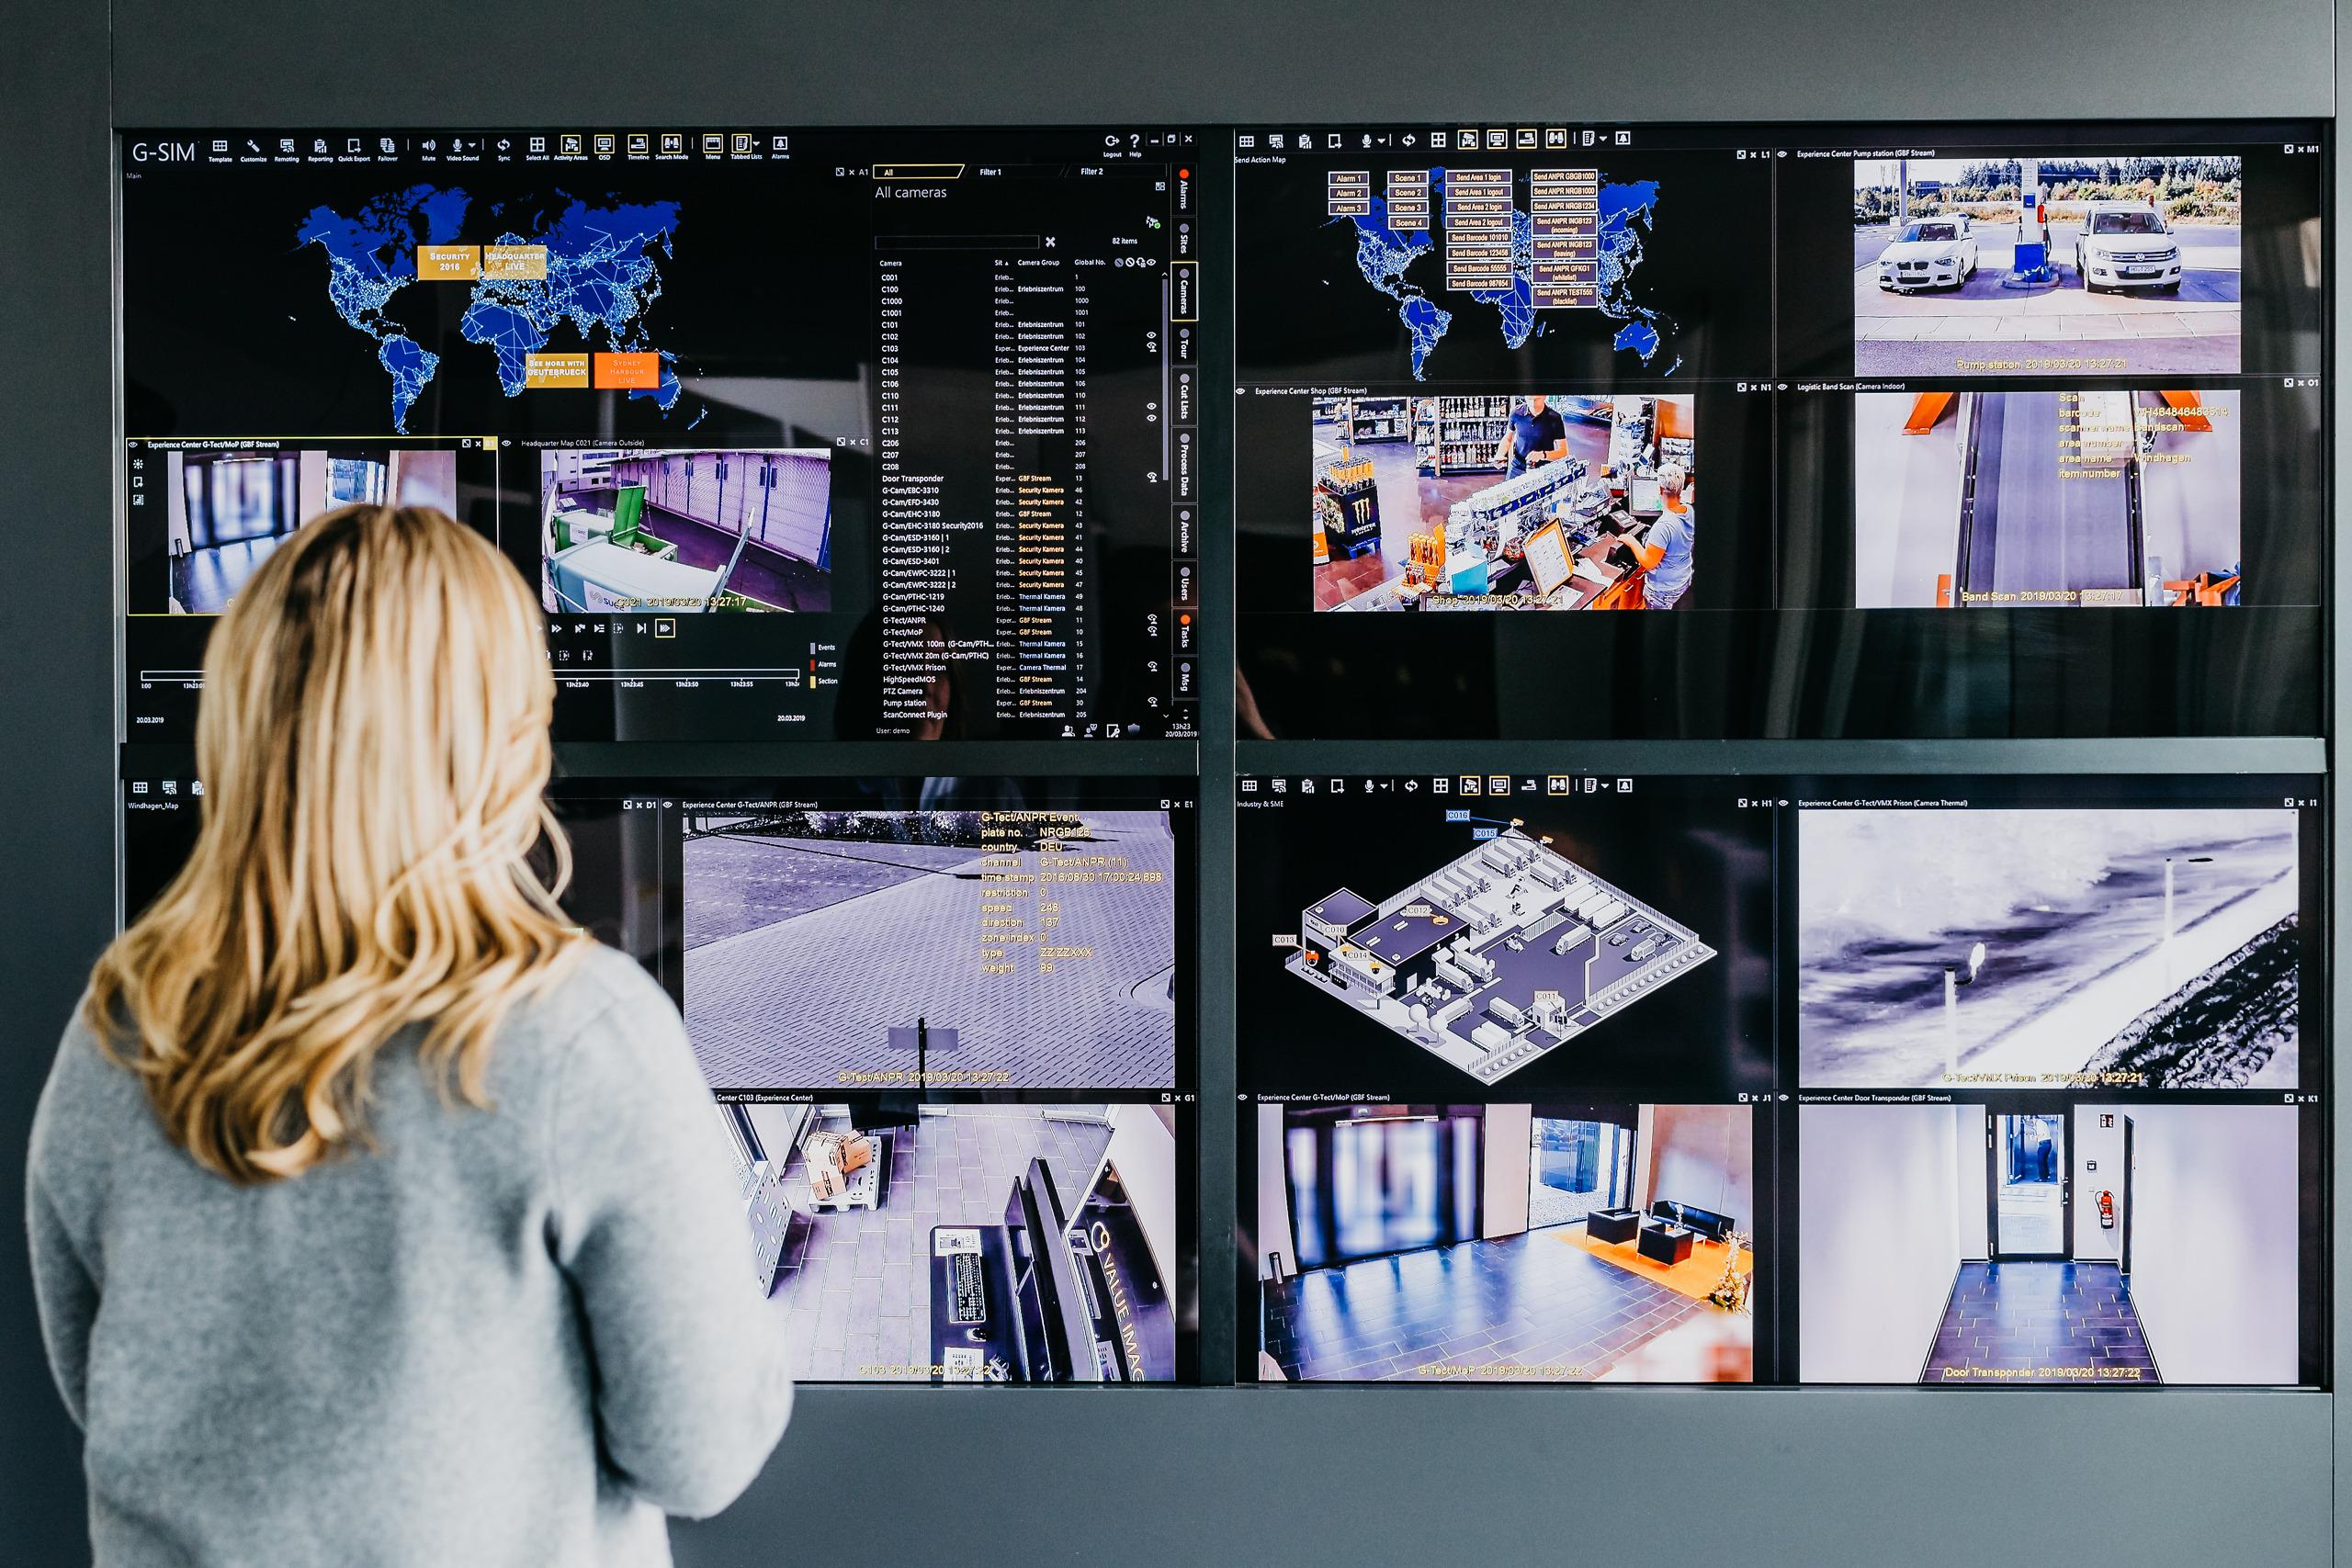 Produkte Funk- Video- und Intercomsysteme, MEDER CommTech GmbH